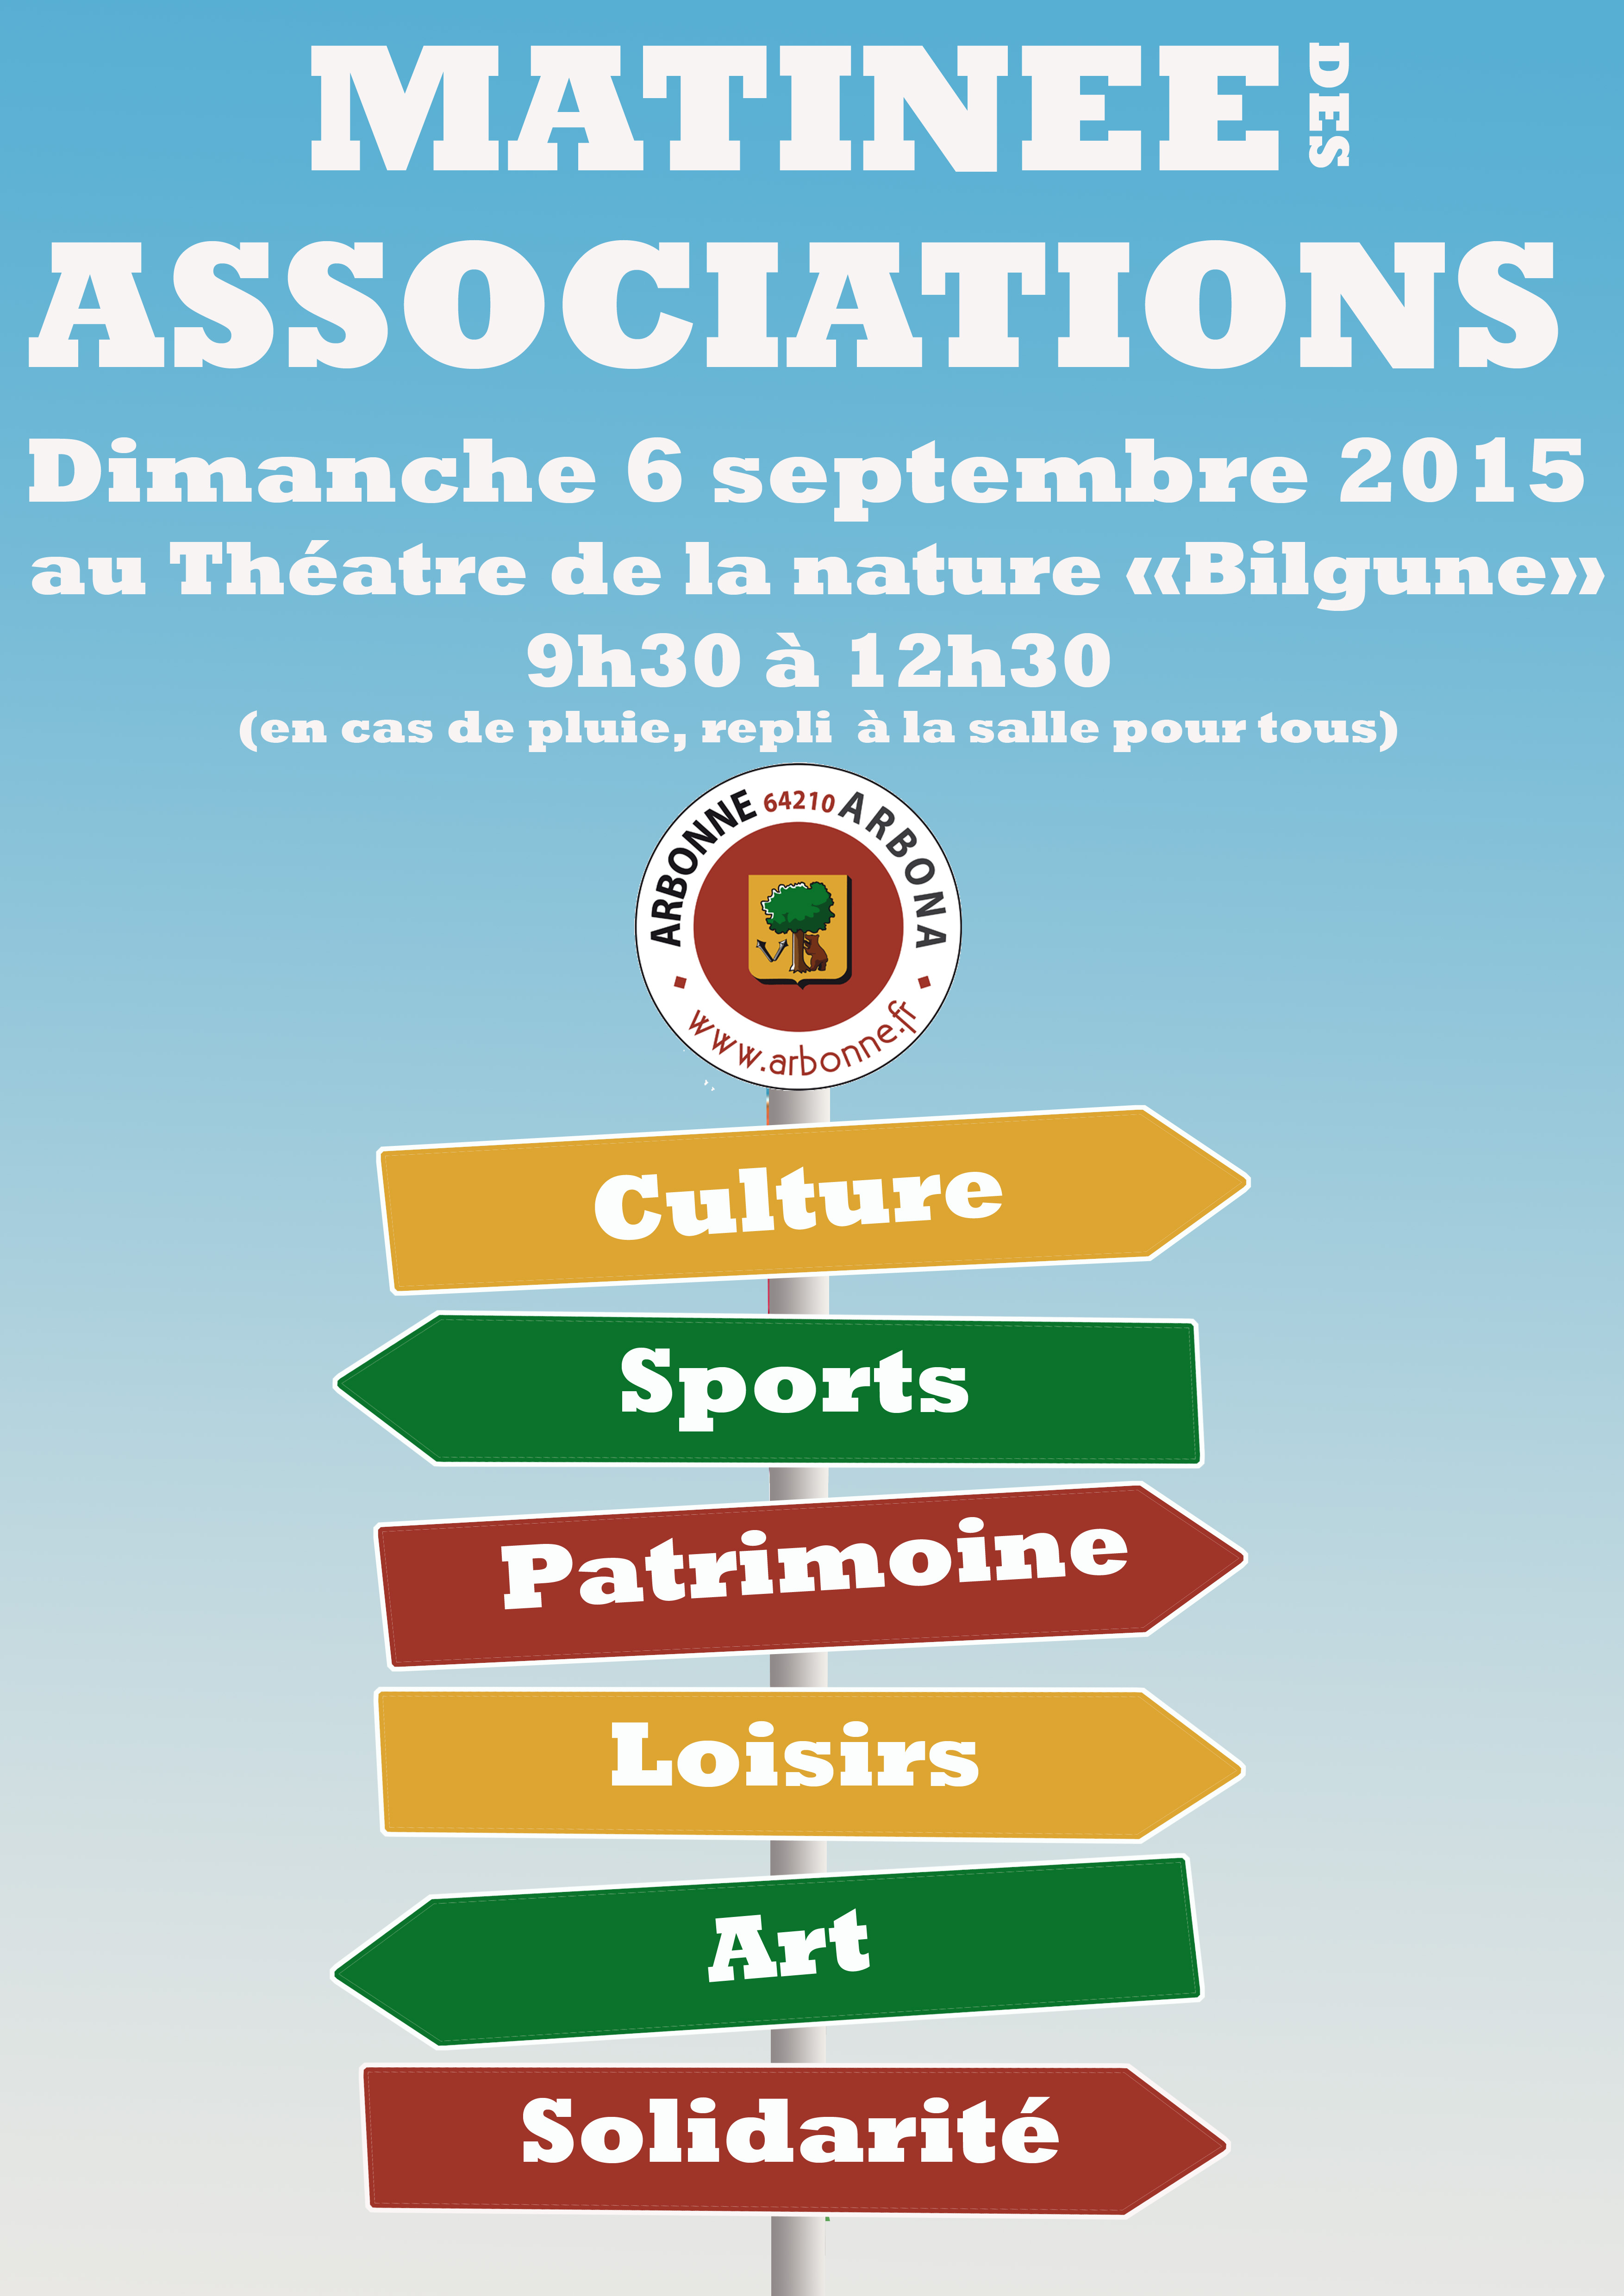 Matinee-associations2015